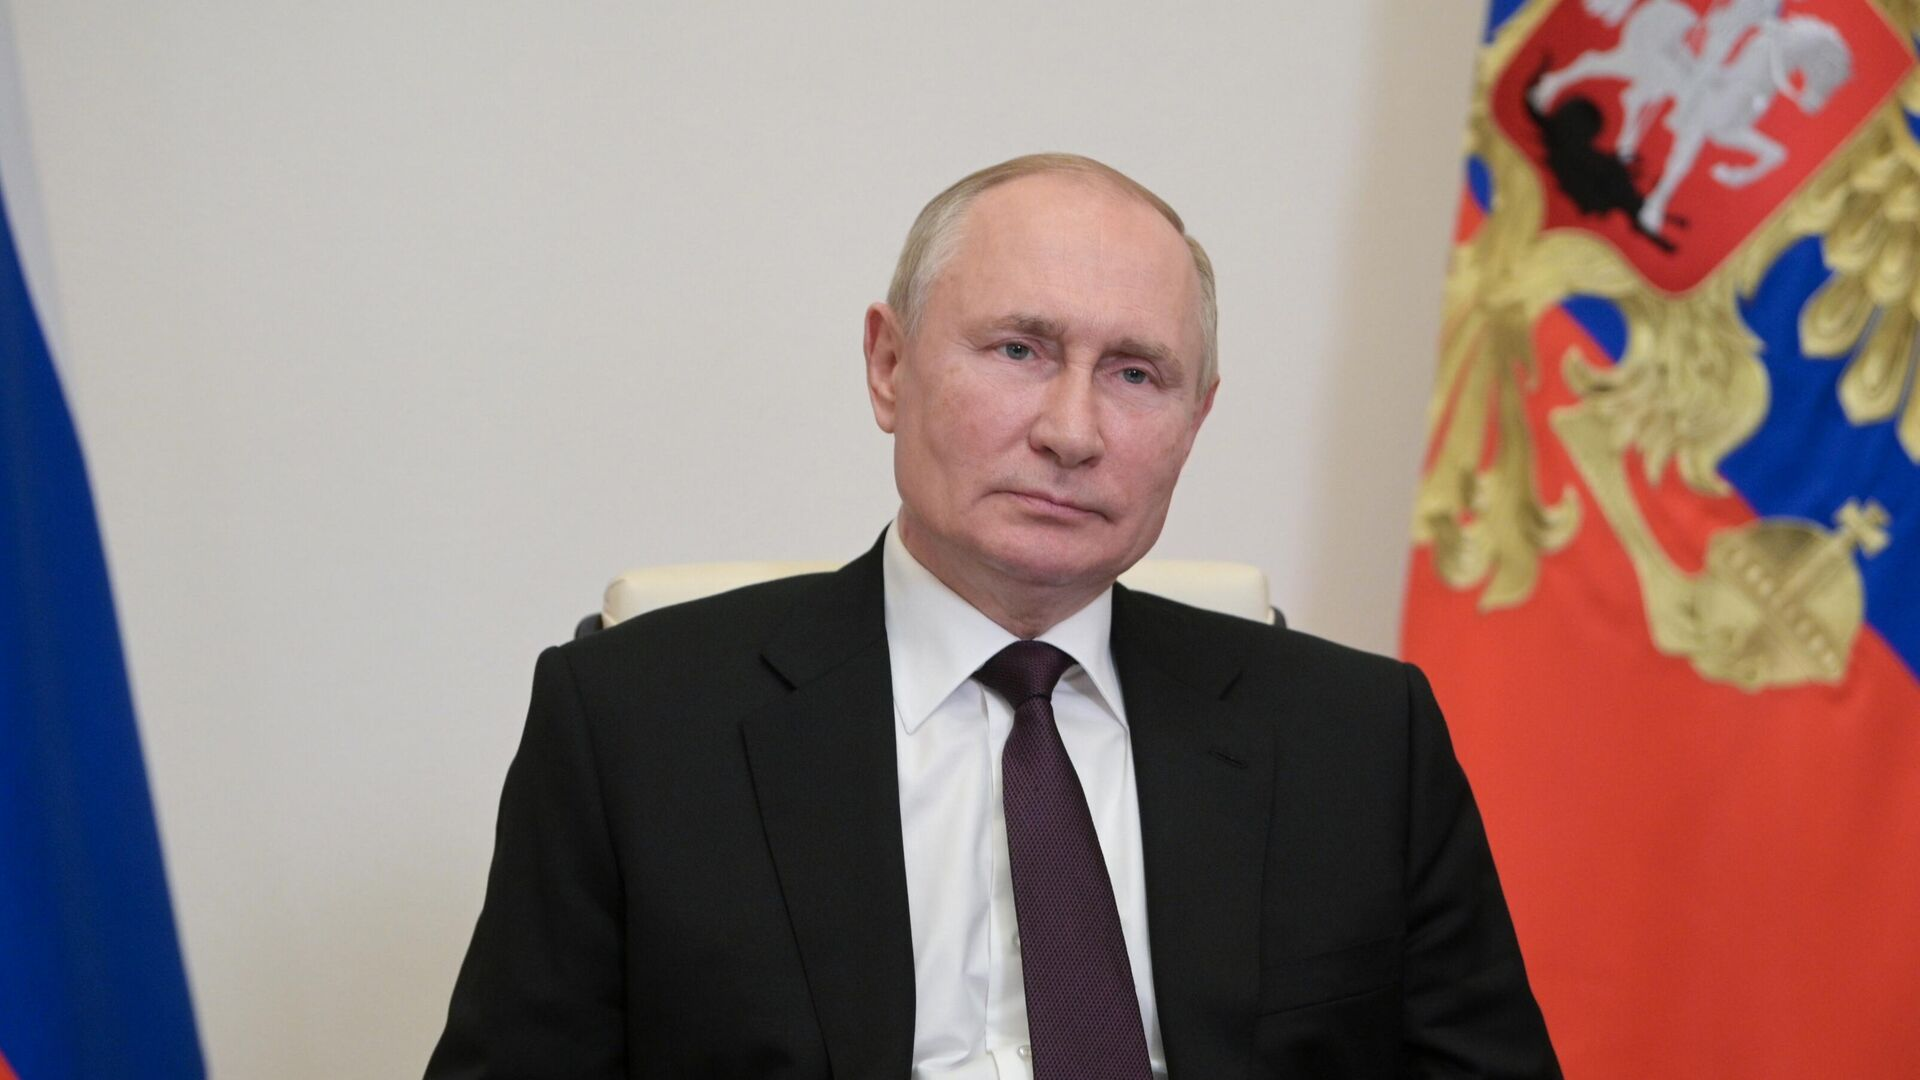 Путин на заседании Совбеза обсудит улучшение стратегического планирования